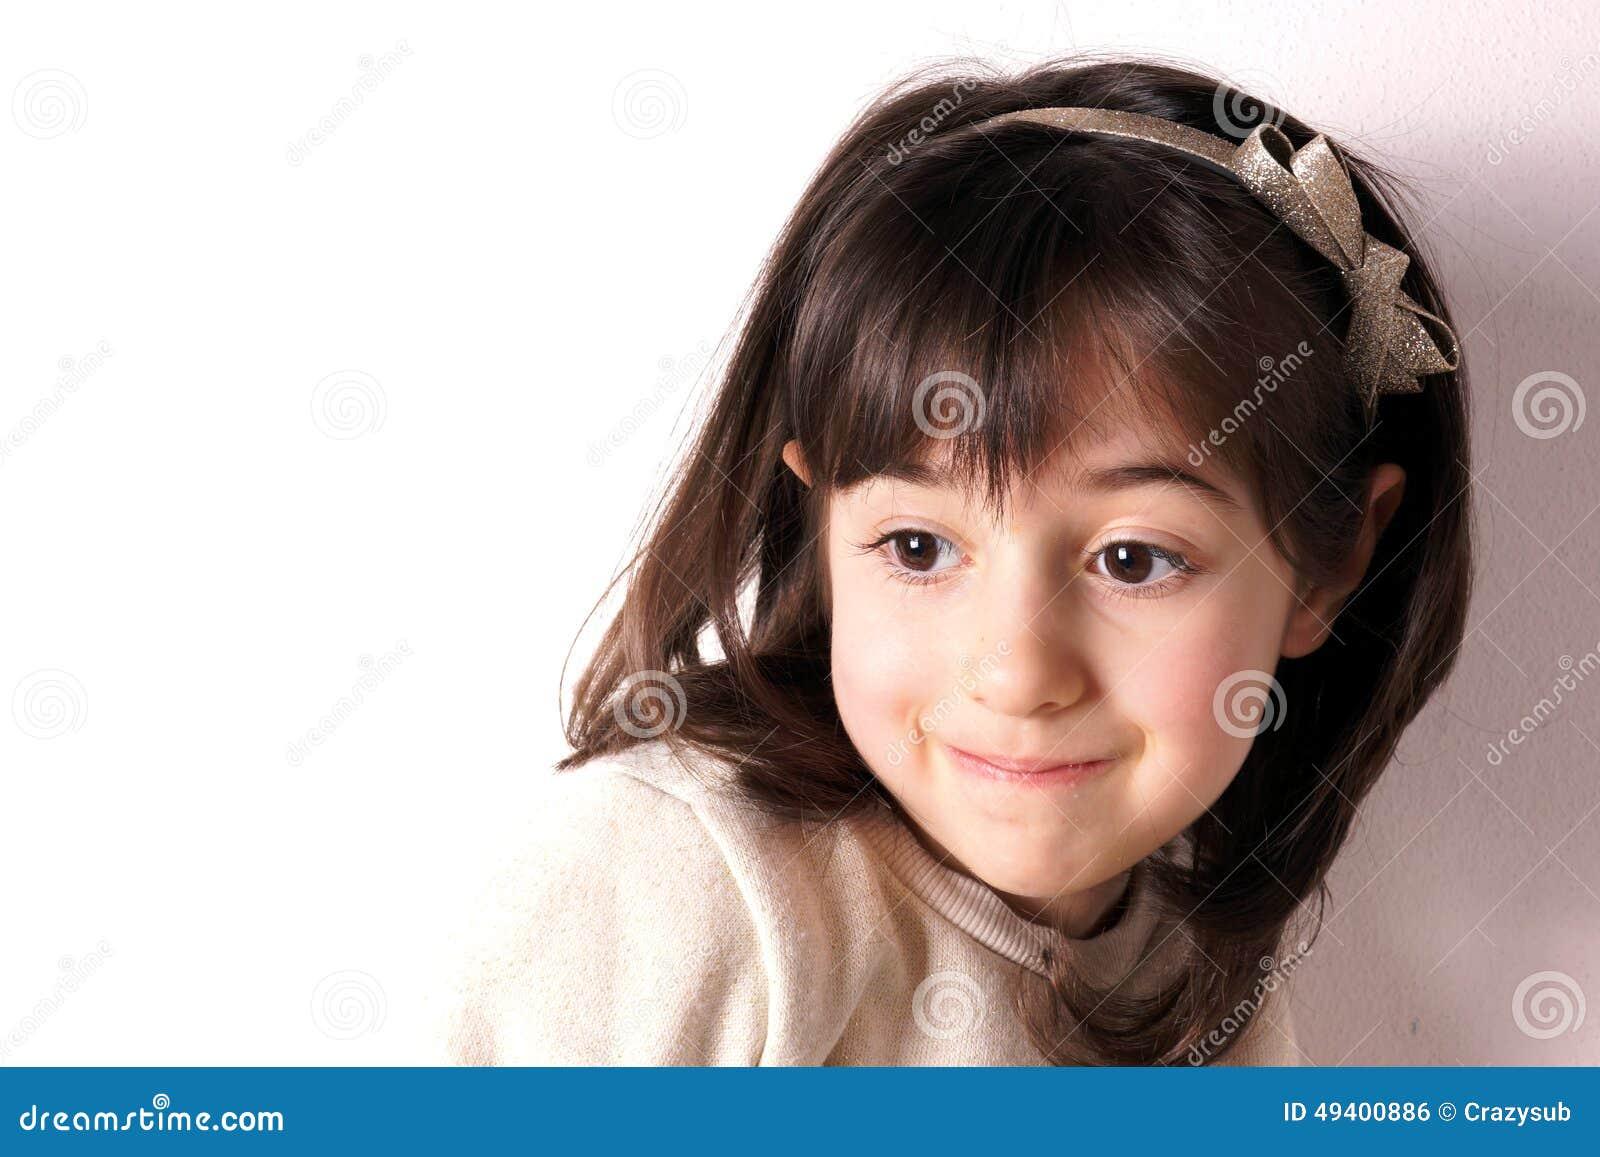 Download Schätzchen girl stockfoto. Bild von menschlich, haar - 49400886